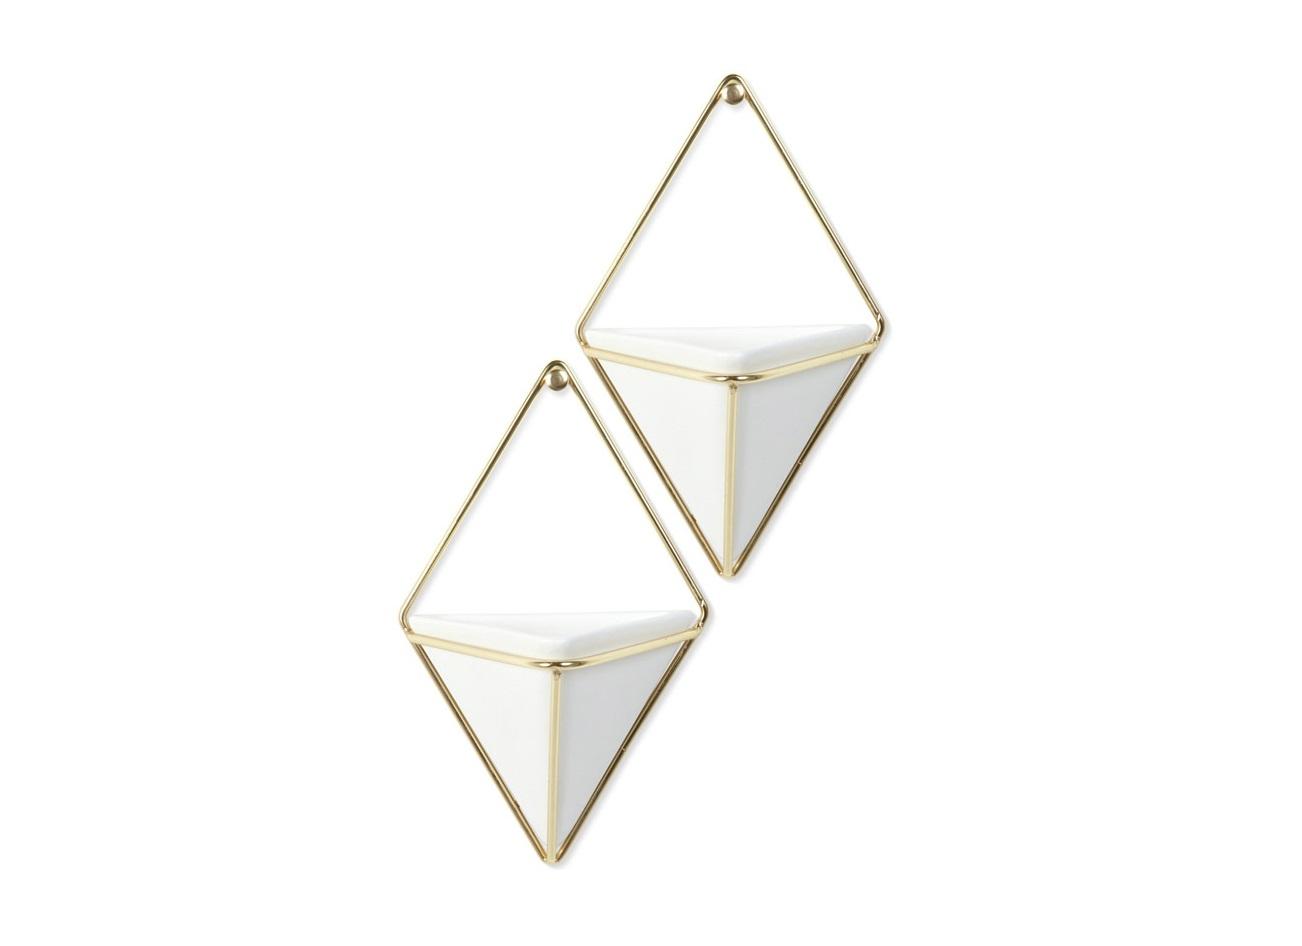 Декор для стен triggКашпо<br>Строгие геометрические формы не ограничивают воображение, а наоборот, вдохновляют на творчество и создание неповторимых интерьеров. Такой просто и такой эффектный декор сочетает в себе красоту и функциональность: в керамический треугольник можно поместить разные канцелярские мелочи, косметические принадлежности - можно даже использовать его как кашпо! <br>Он вешается на любой гвоздик или вешалку и отлично сочетается с другими декорами, картинами и постерами. <br>В комплекте 2 штуки.<br><br>Material: Металл<br>Width см: 11,7<br>Depth см: 7<br>Height см: 18,4